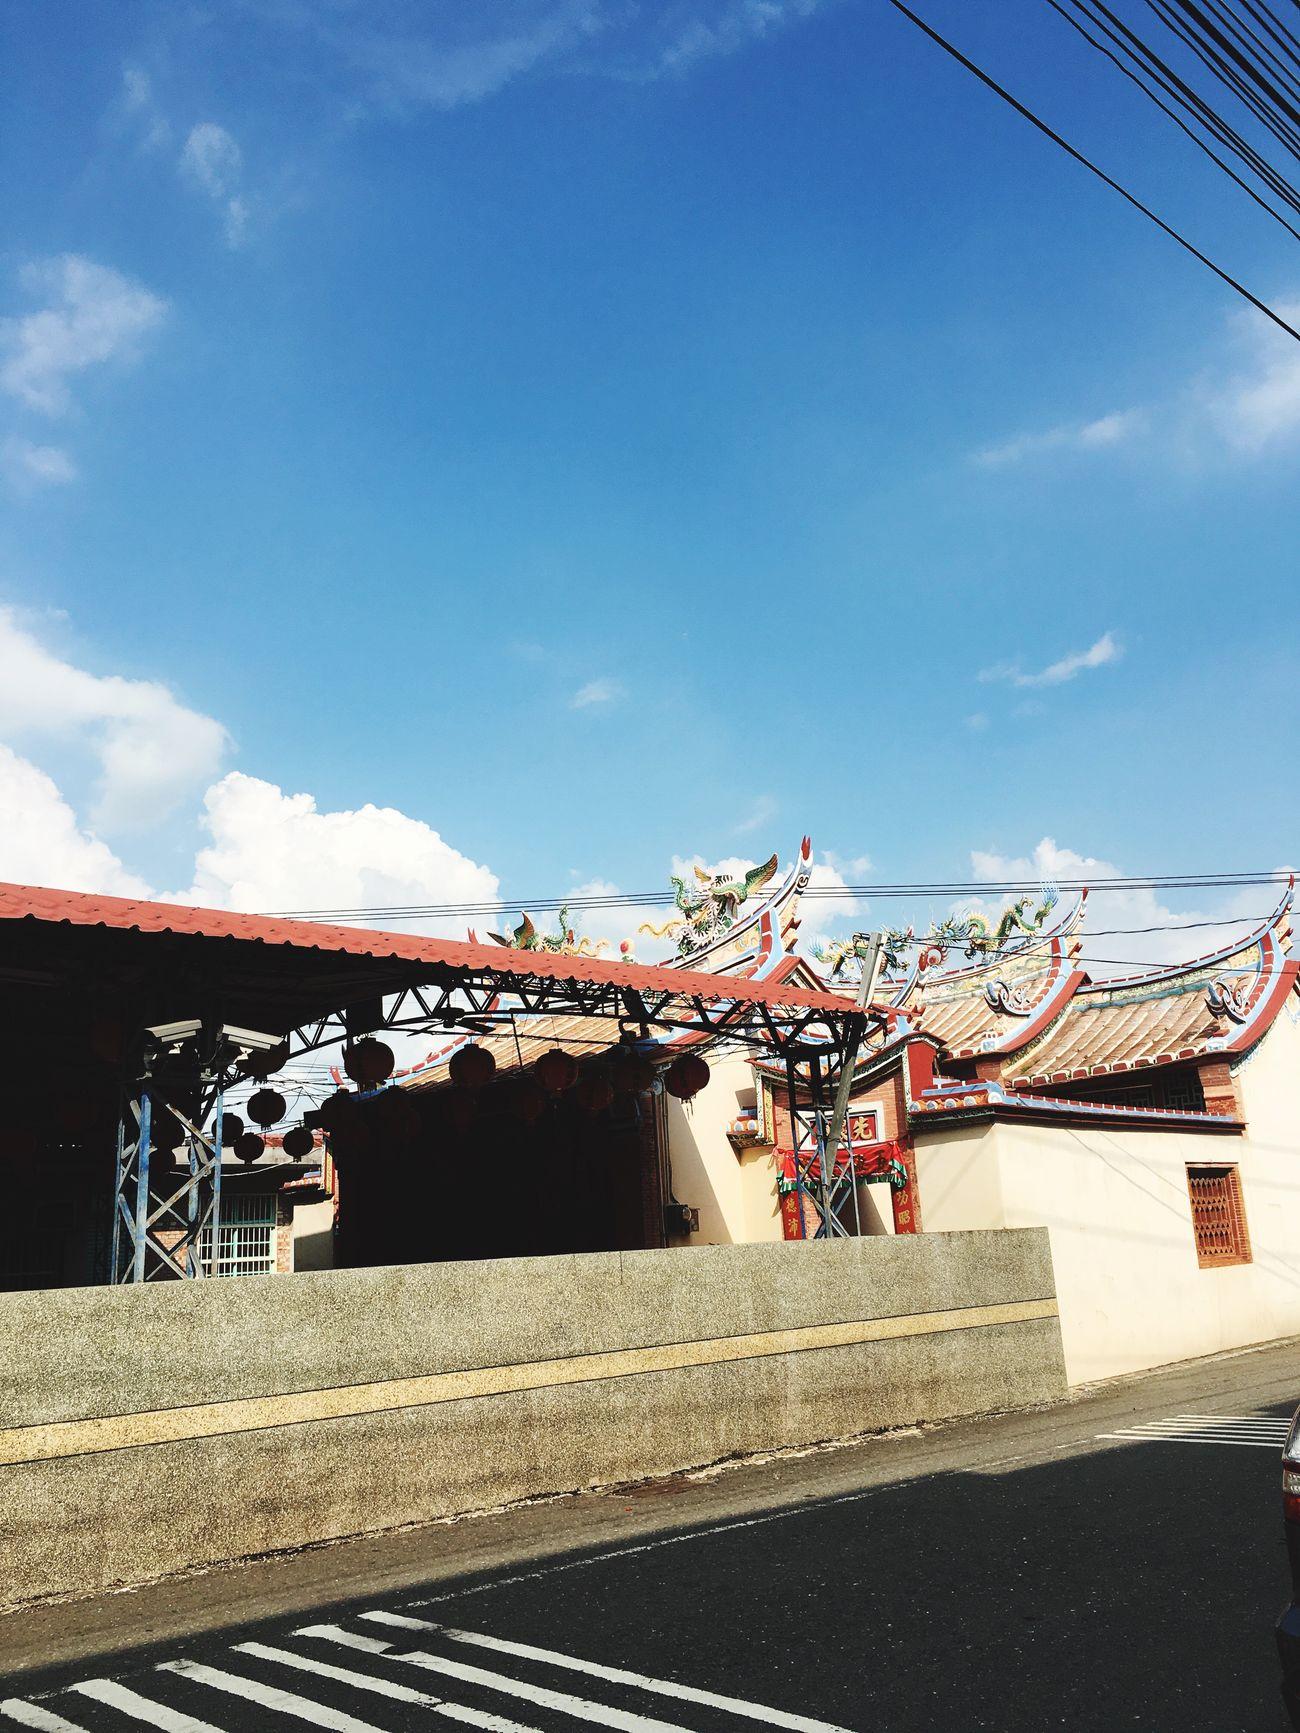 六月 臺灣 Taiwanese June 台湾 Neipu Pingtung Shy Blue 屏東 內埔 土地公廟 藍天 白雲